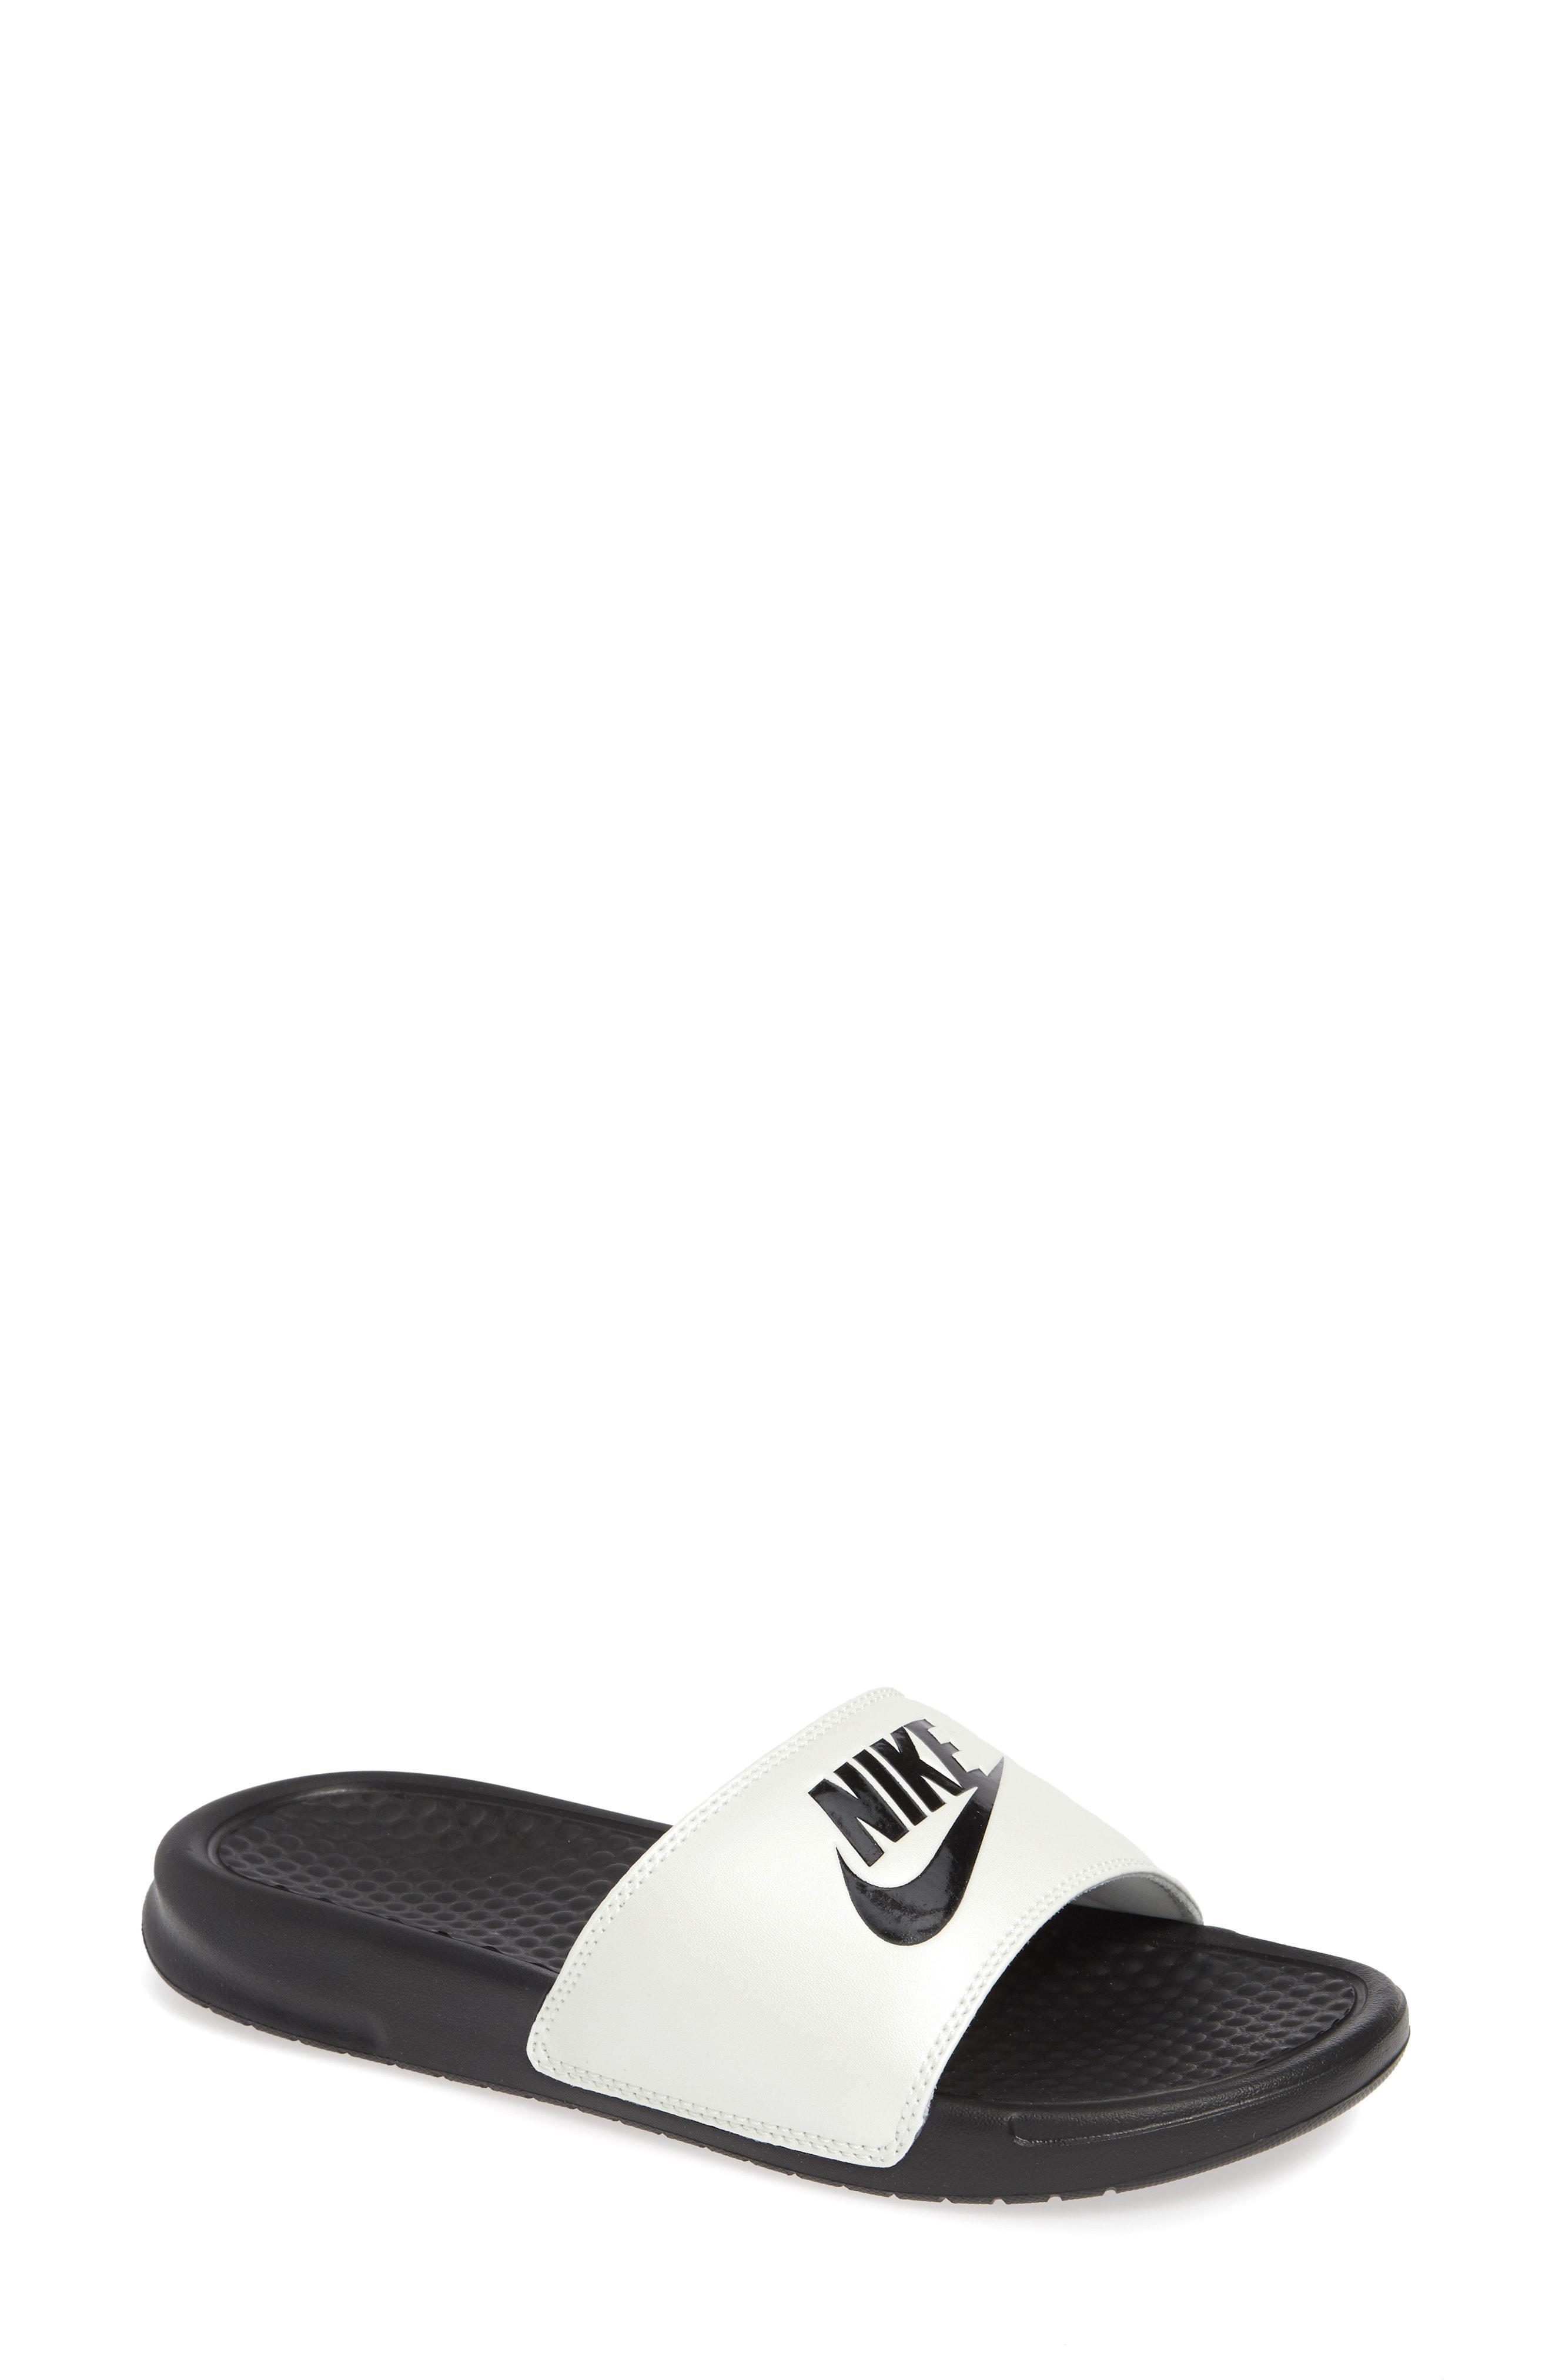 separation shoes eb6f3 041dc Nike. Women s Black Benassi Jdi Slide Sandal